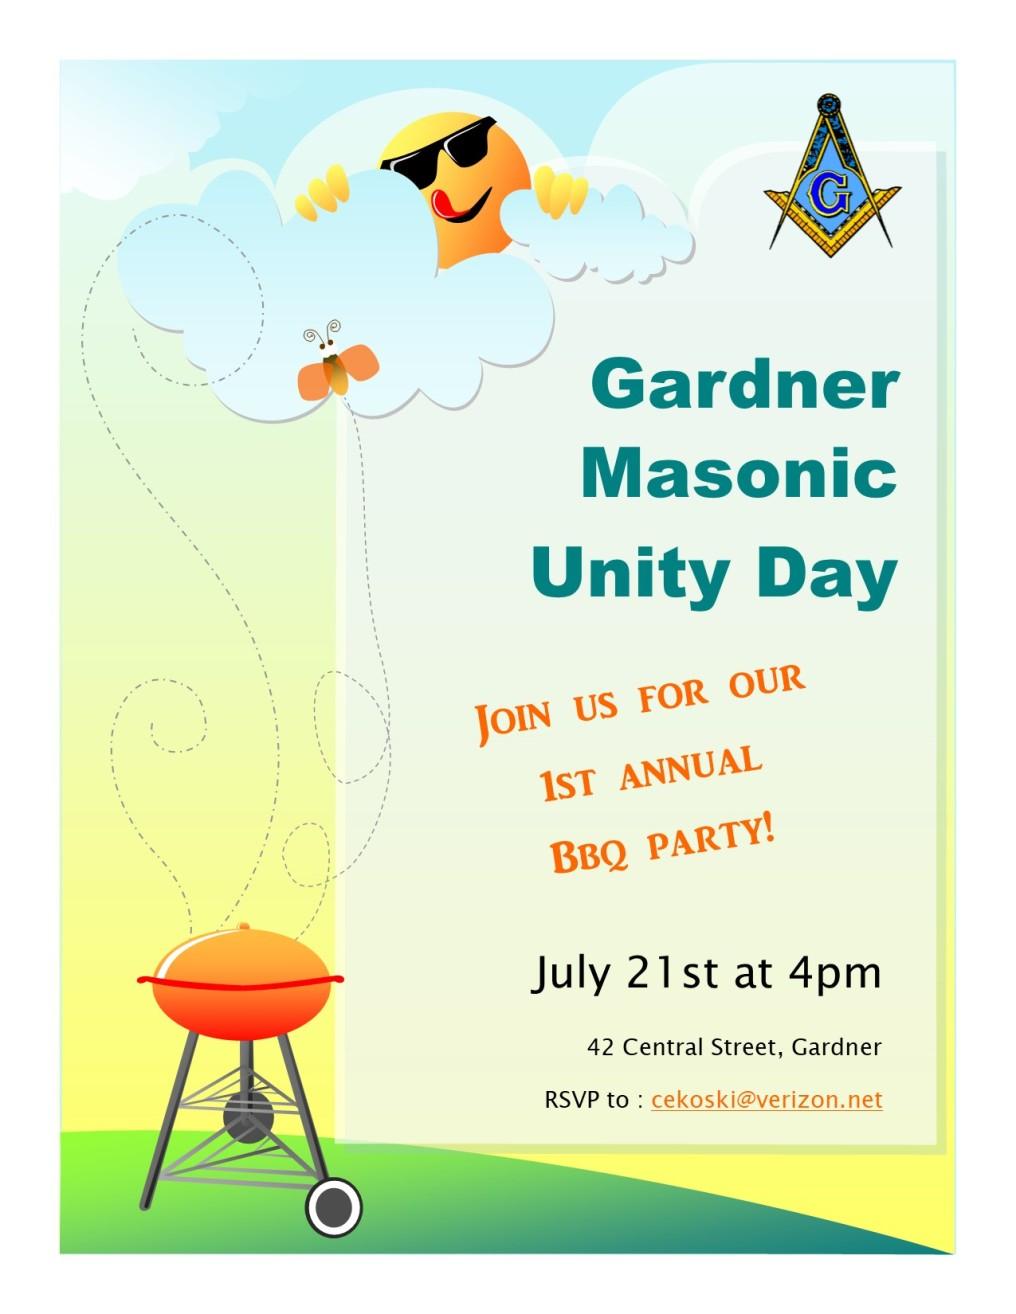 Gardner Masonic Unity Day